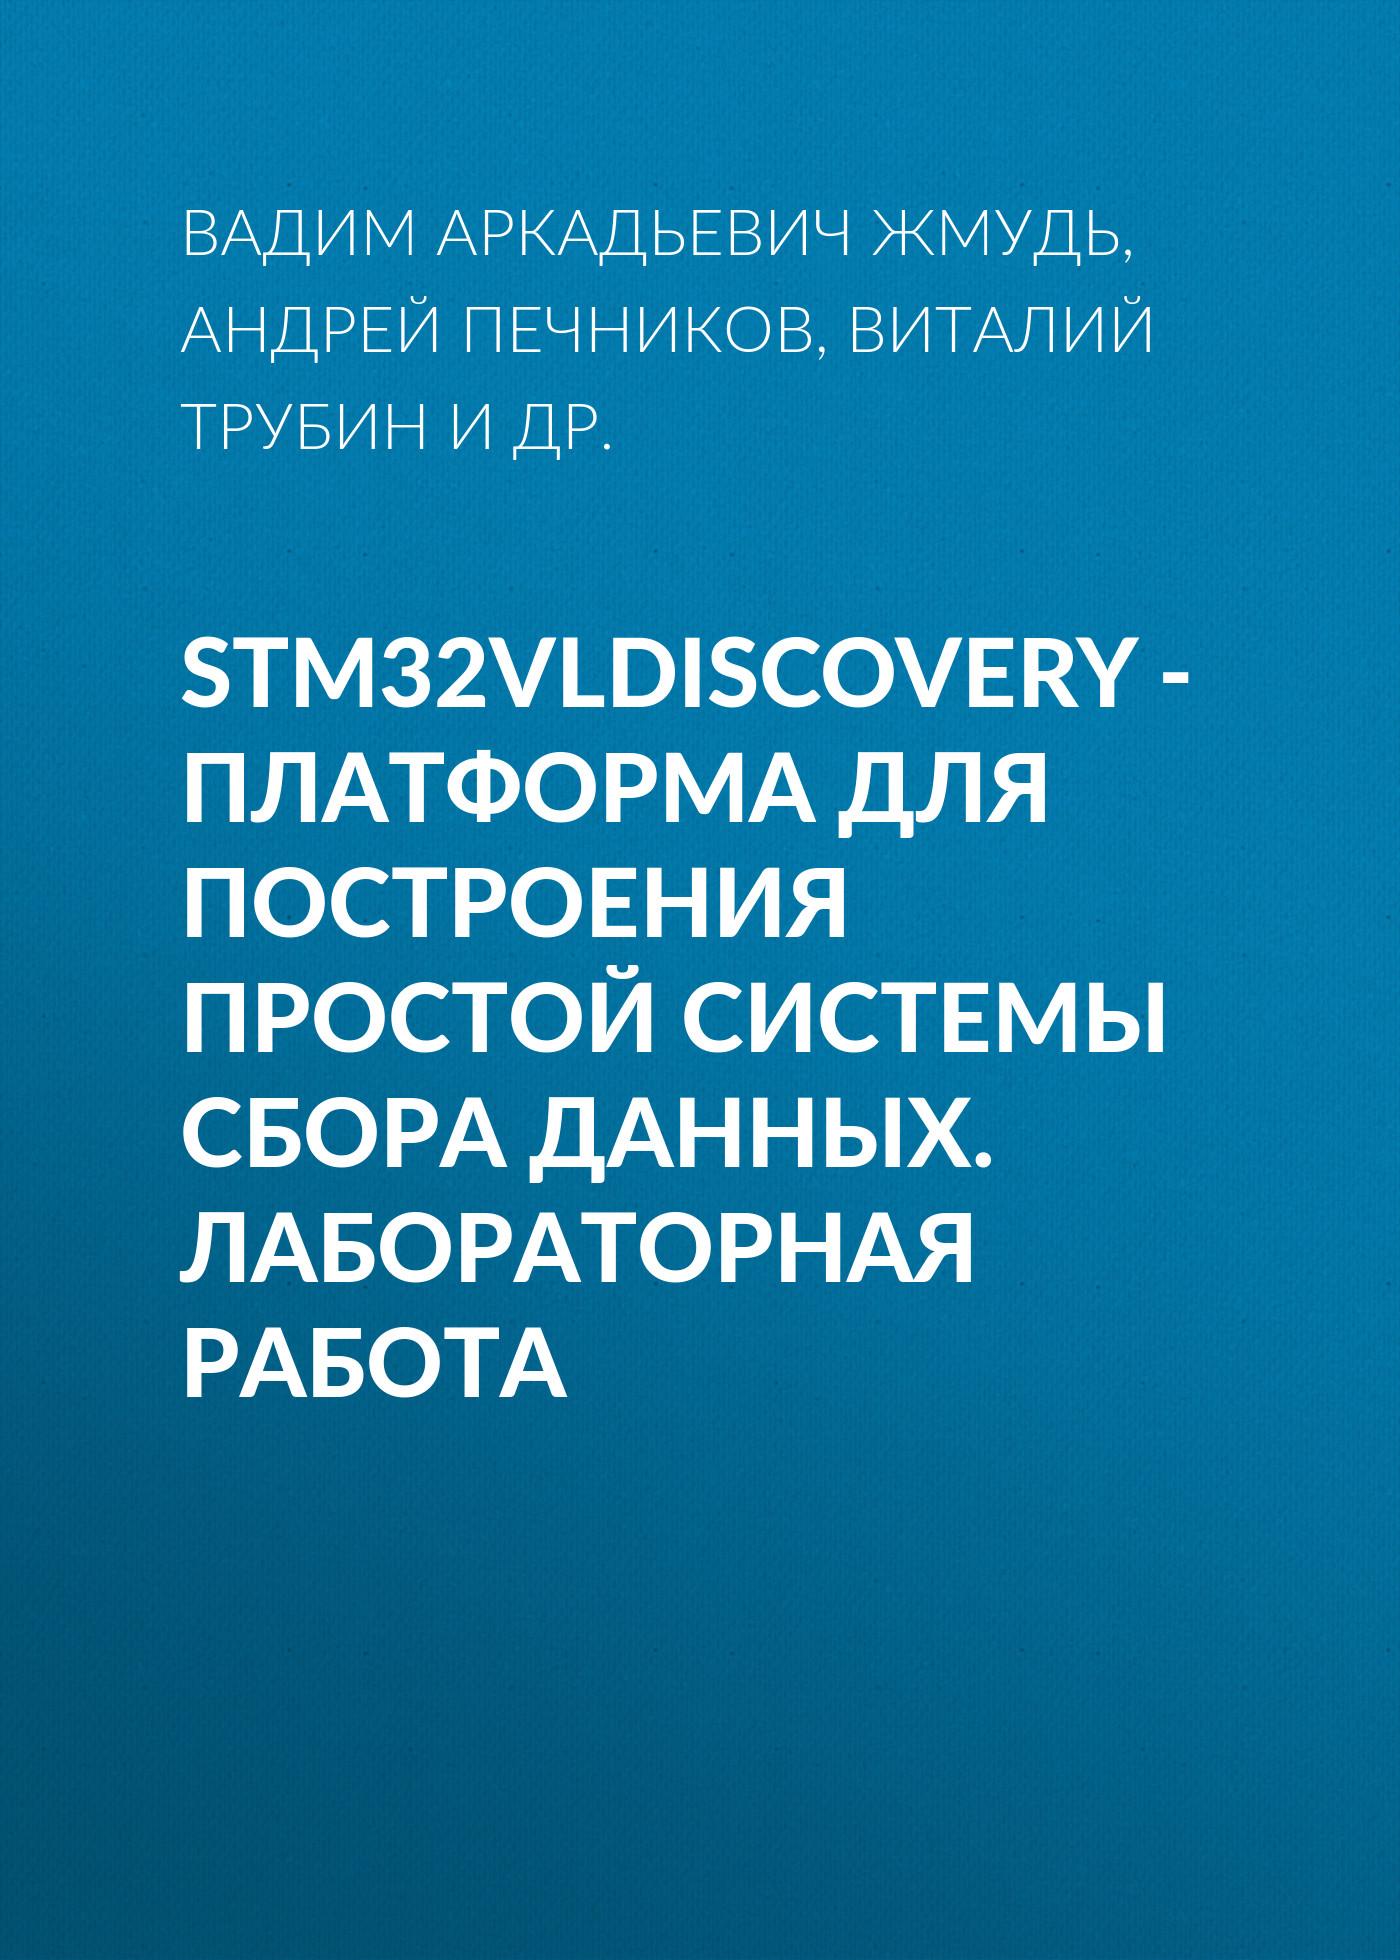 Вадим Аркадьевич Жмудь STM32VLDISCOVERY - платформа для построения простой системы сбора данных. Лабораторная работа в плескунин борис фомин владимир яковлев з крамер х штан е воронина управление гибкими производственными системами модели и алгоритмы